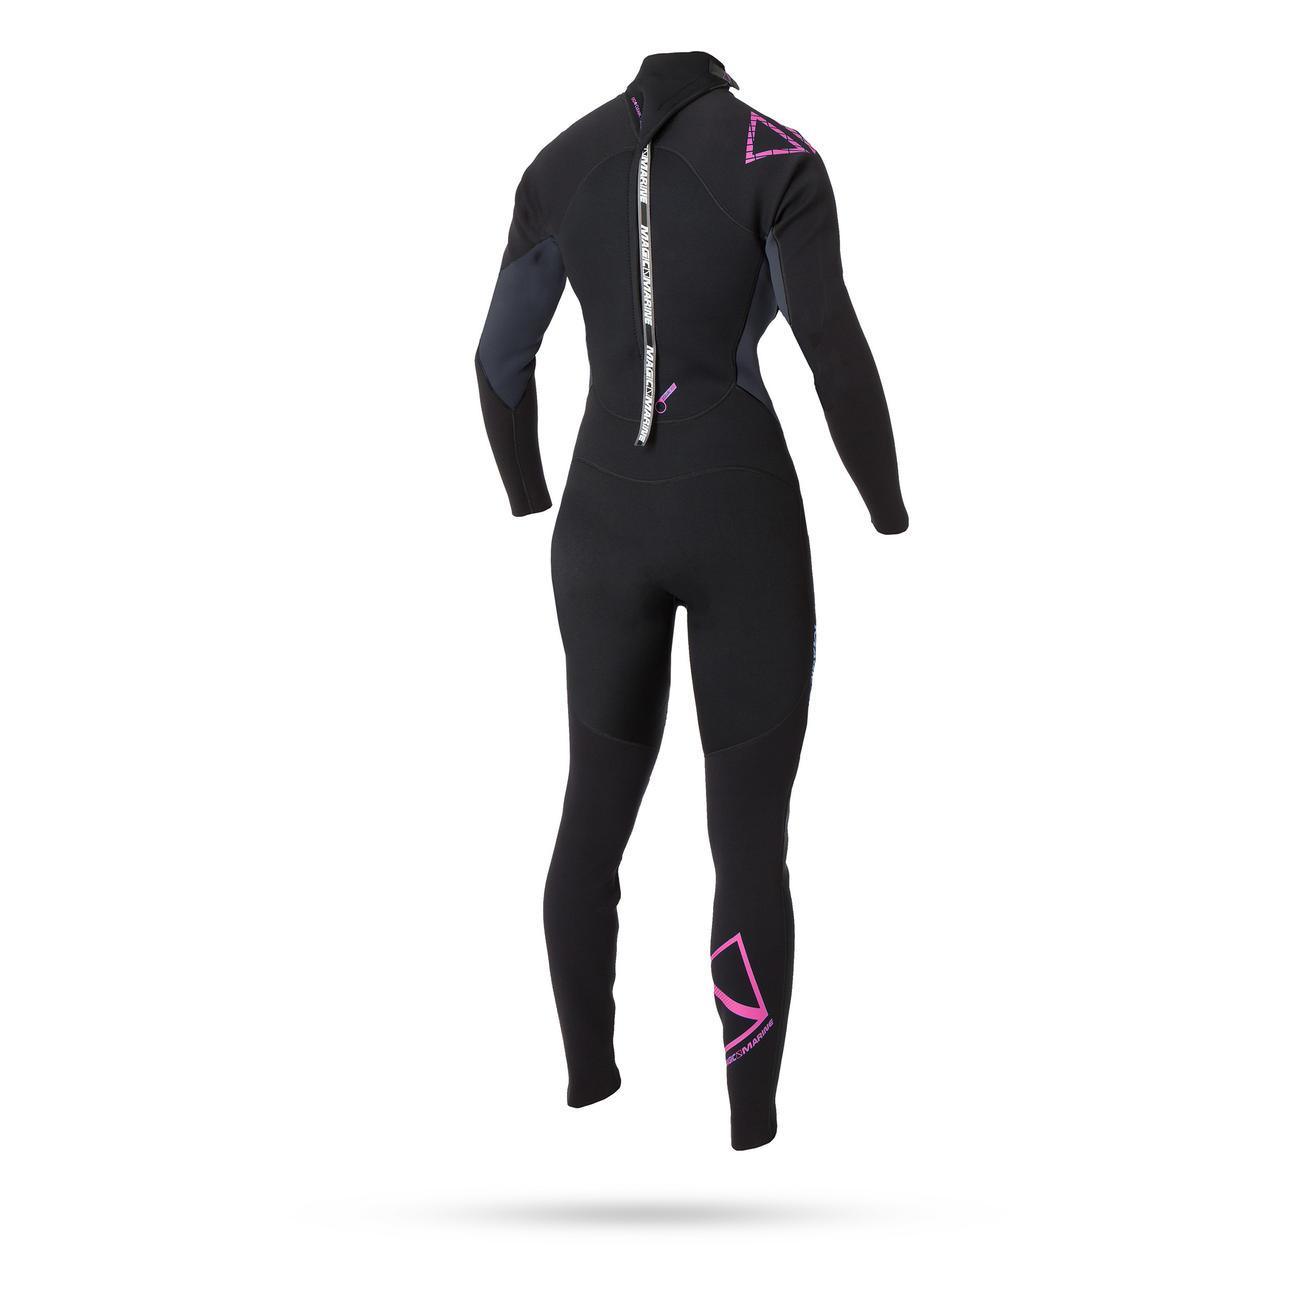 BRAND FULLSUIT 5/4 back-zip | women